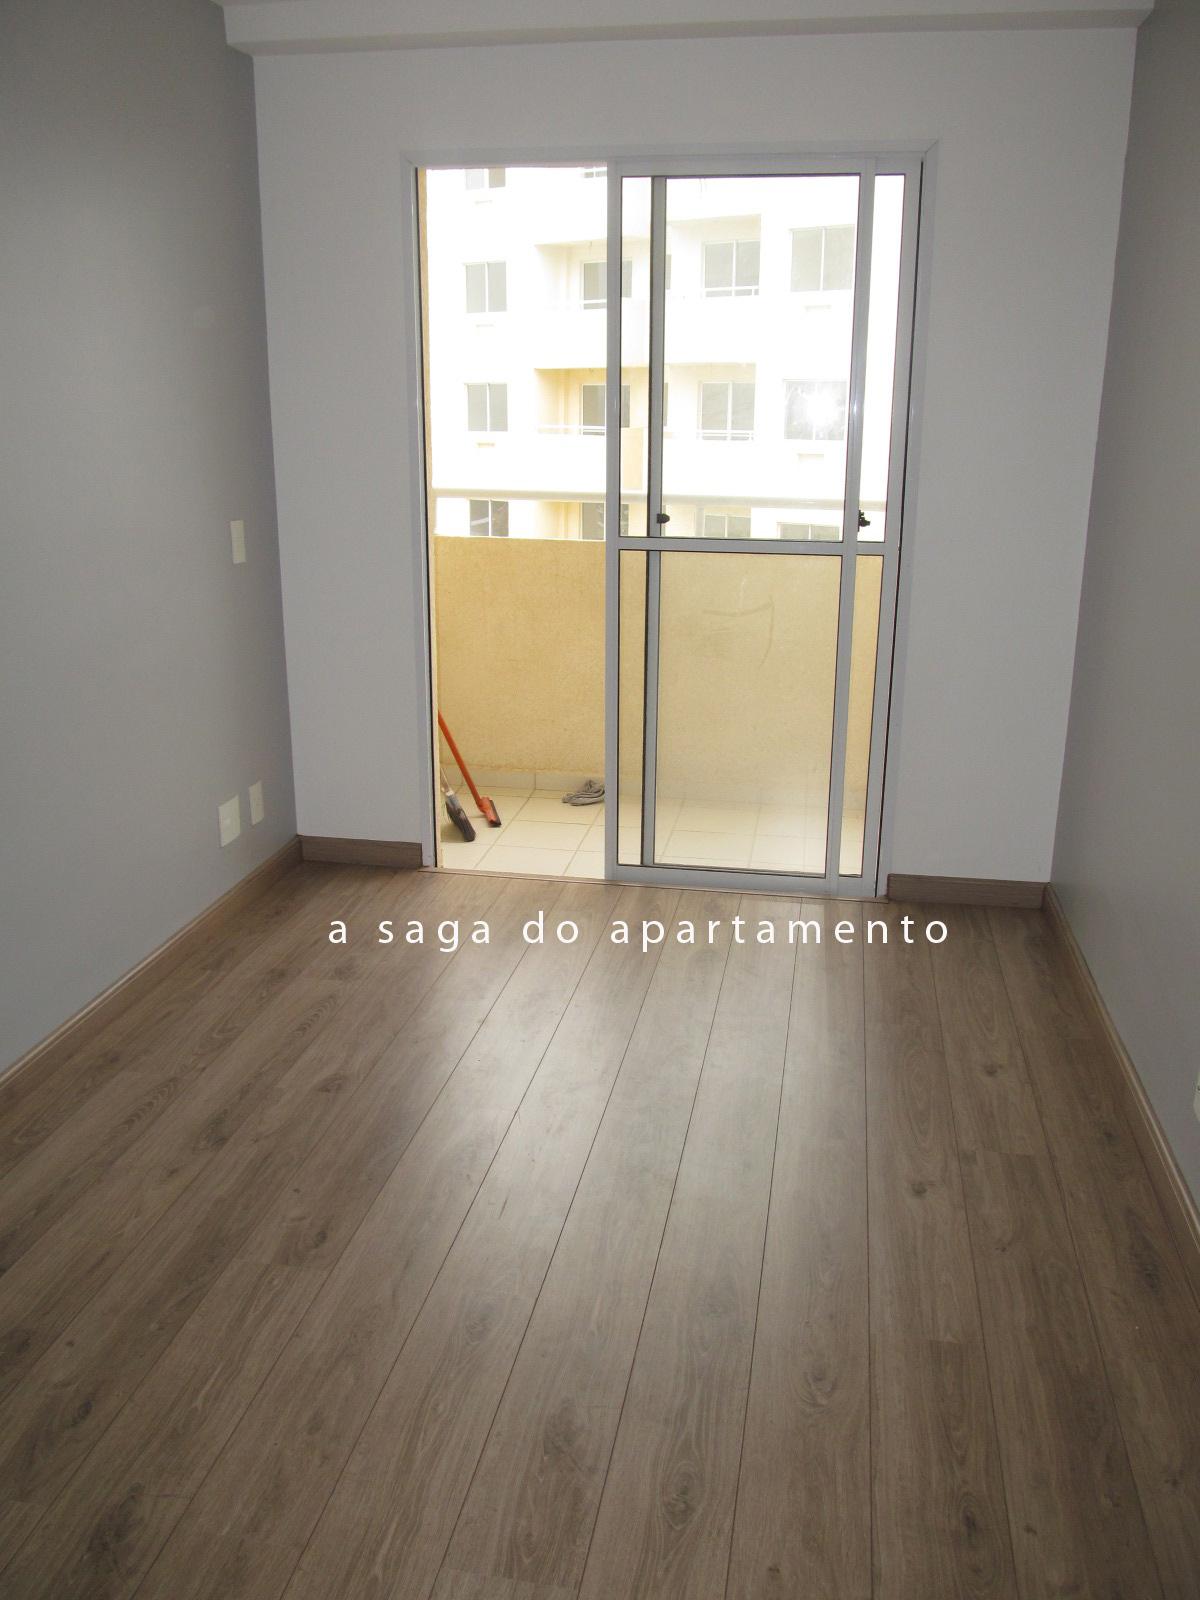 Super A saga do piso, parte 5: Laminado finalmente instalado!!! | a saga  BO23